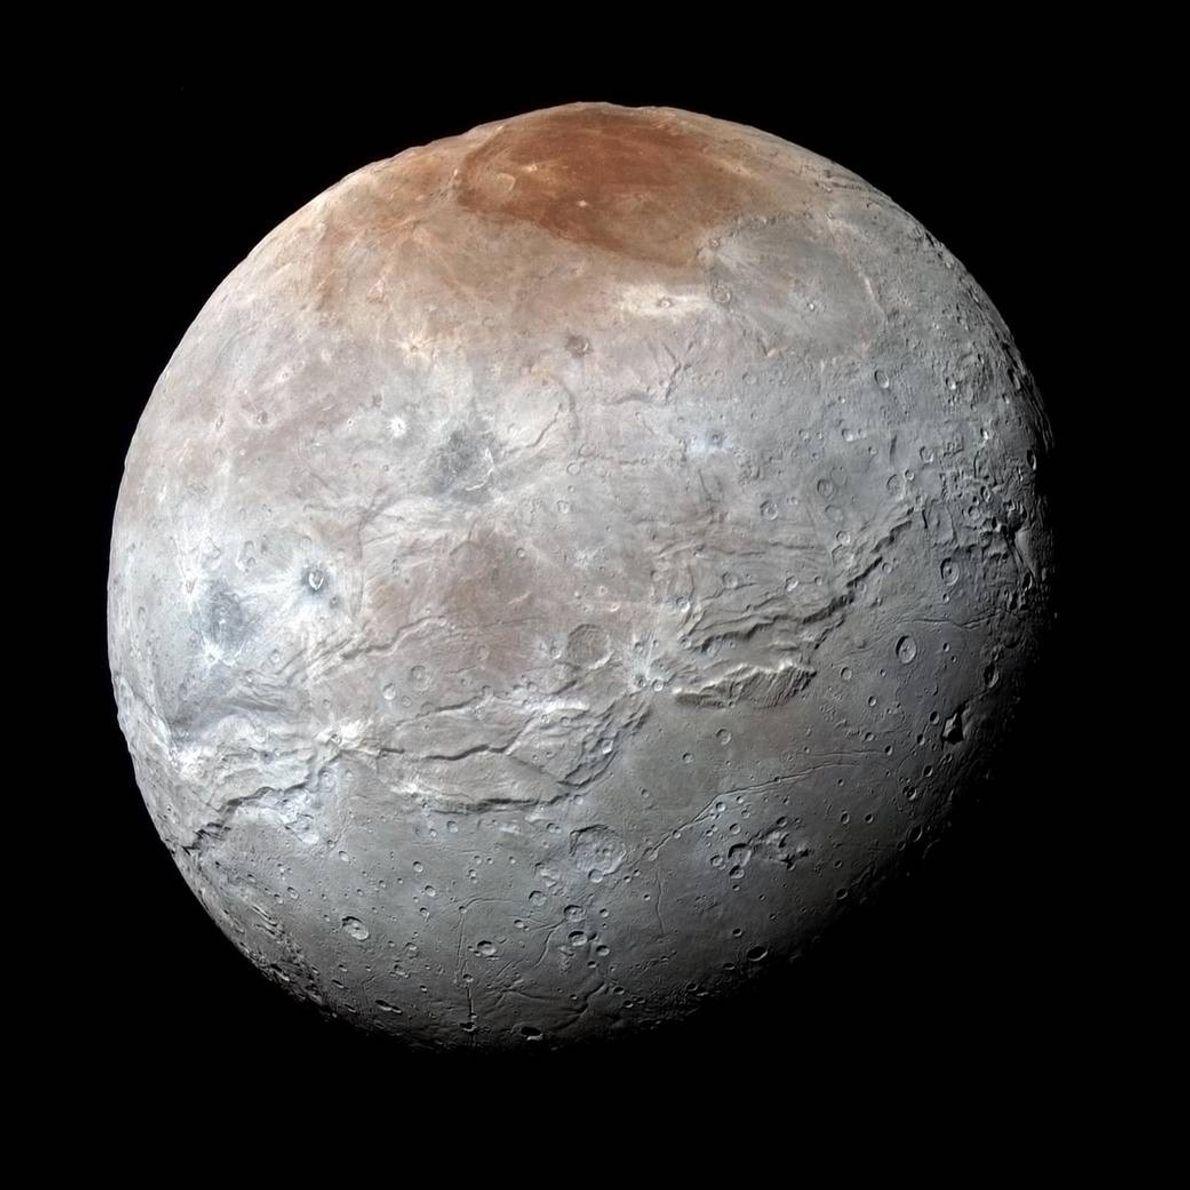 Caronte, la luna más grande de Plutón, que se ve aquí en una imagen de color ...